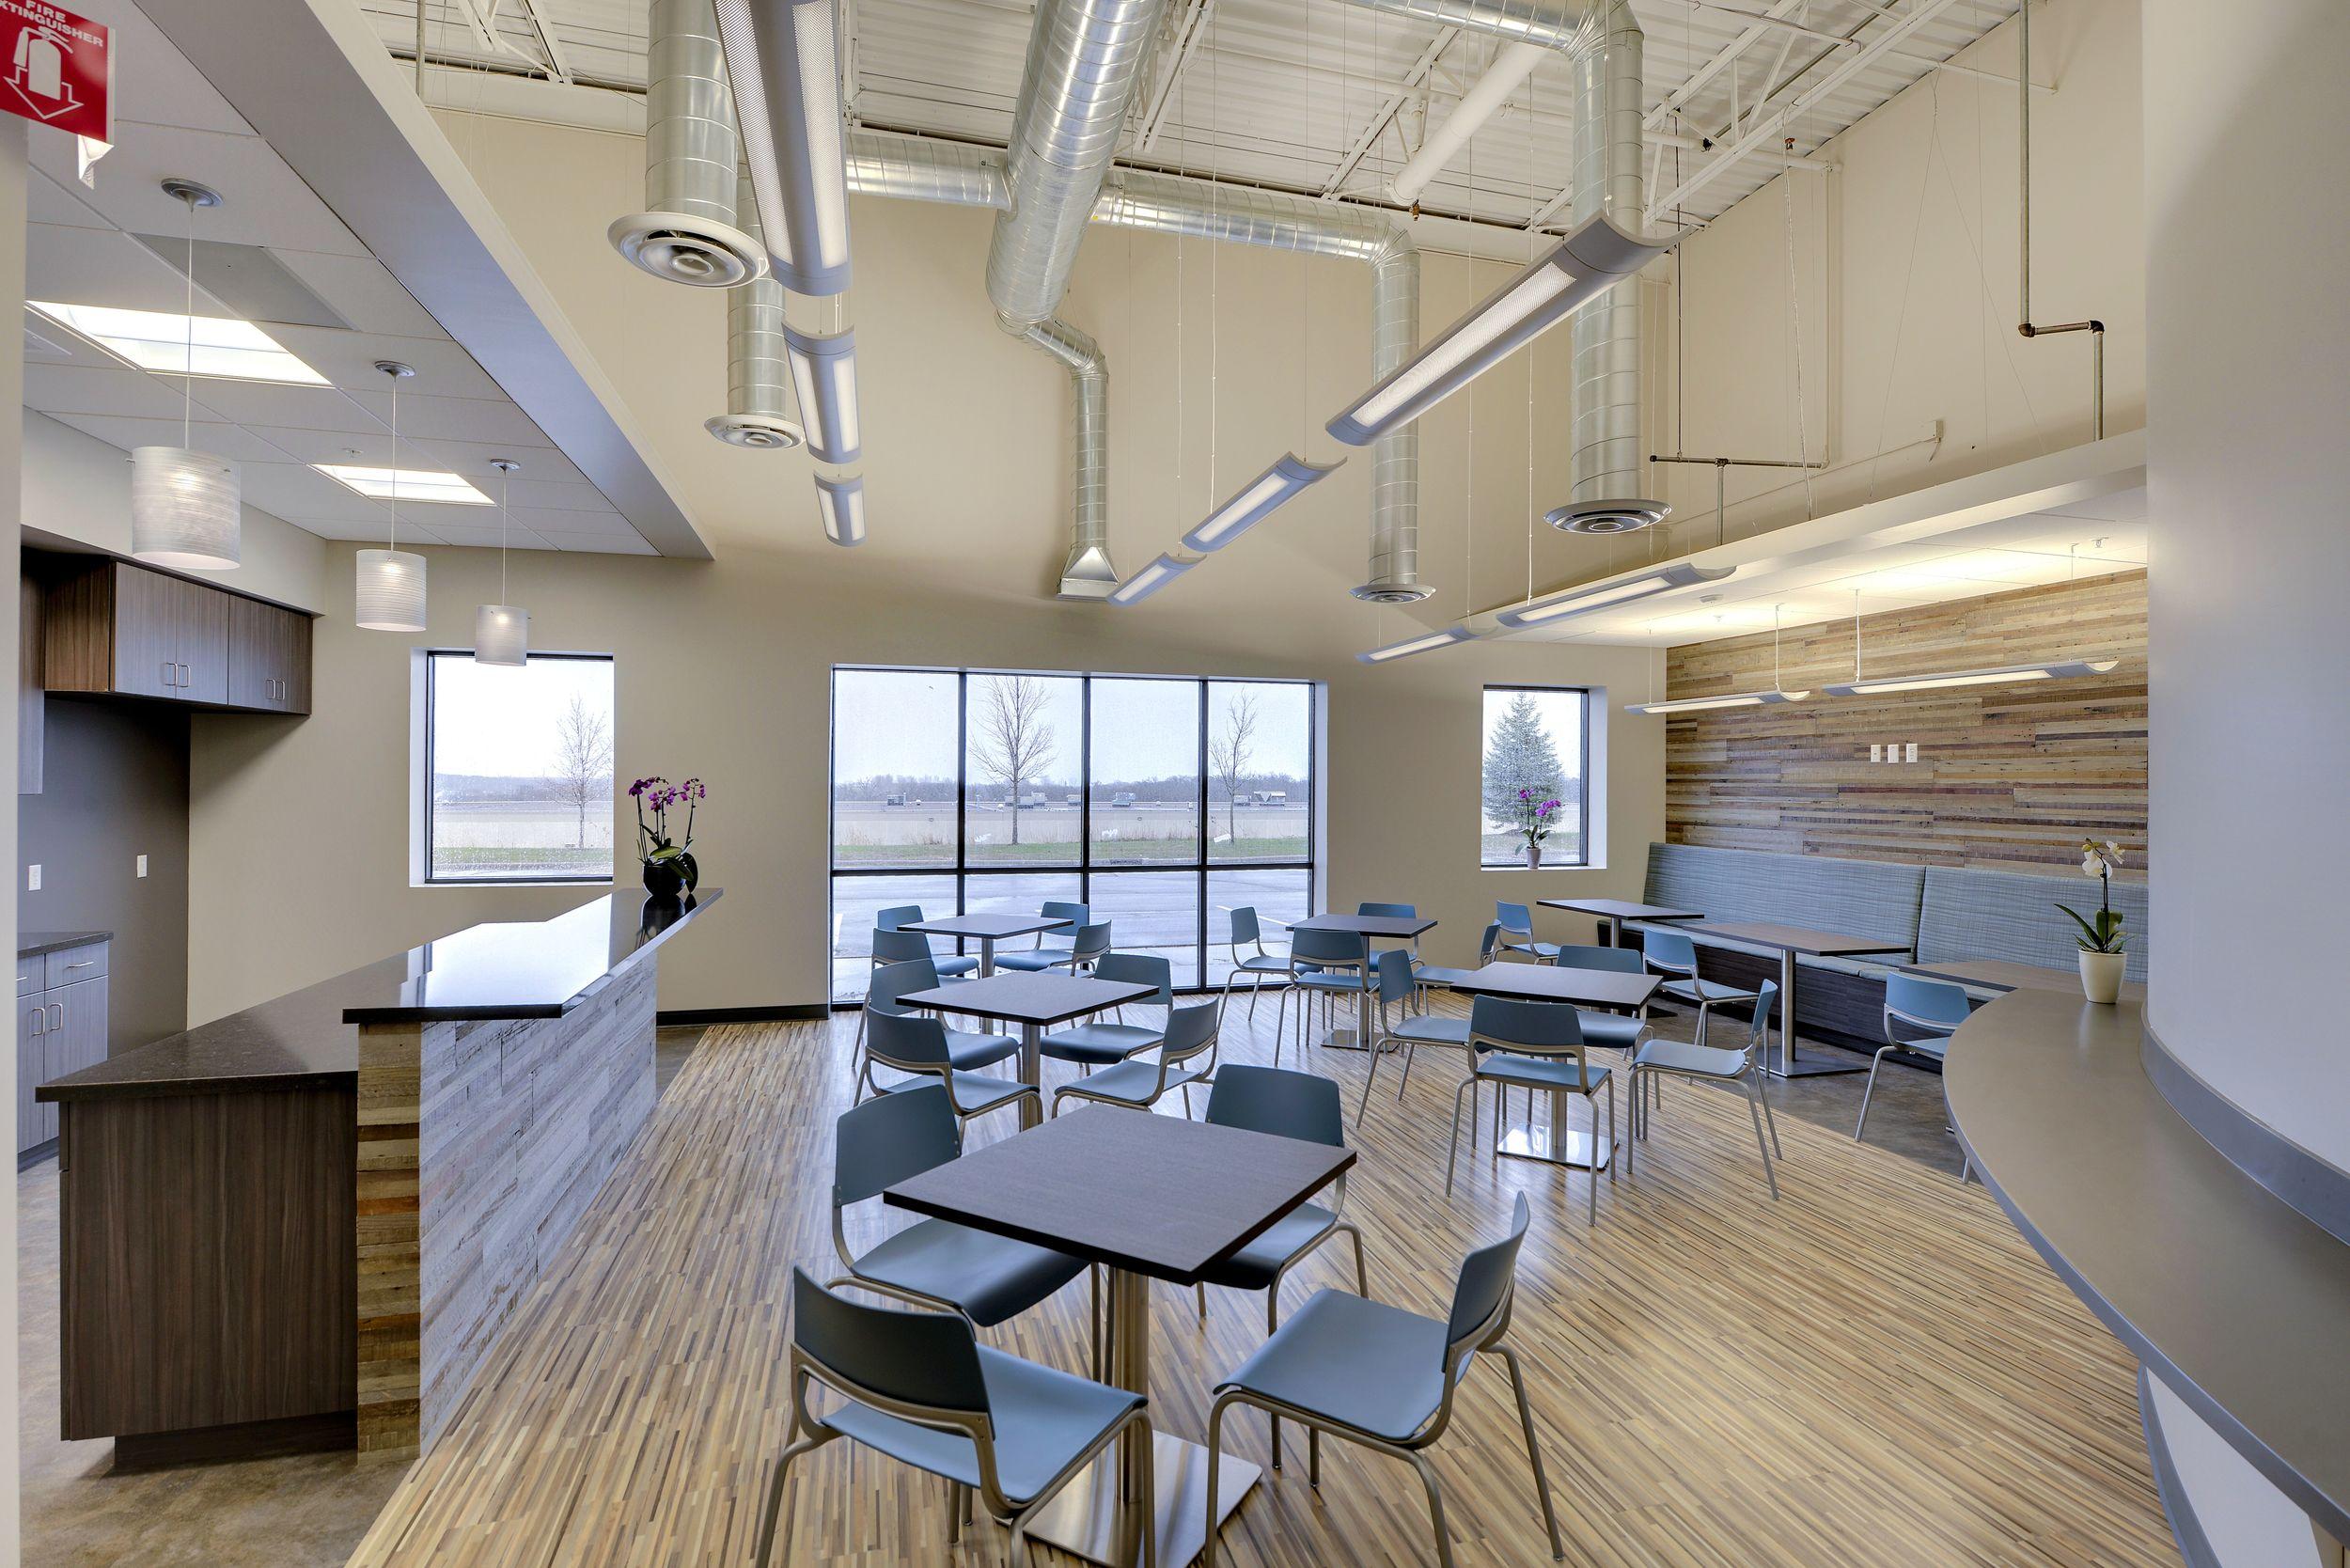 Chicago-Architect-Dani-Fitzgerald-Custom-Design-Planning-corporate-interiors-cafeteria